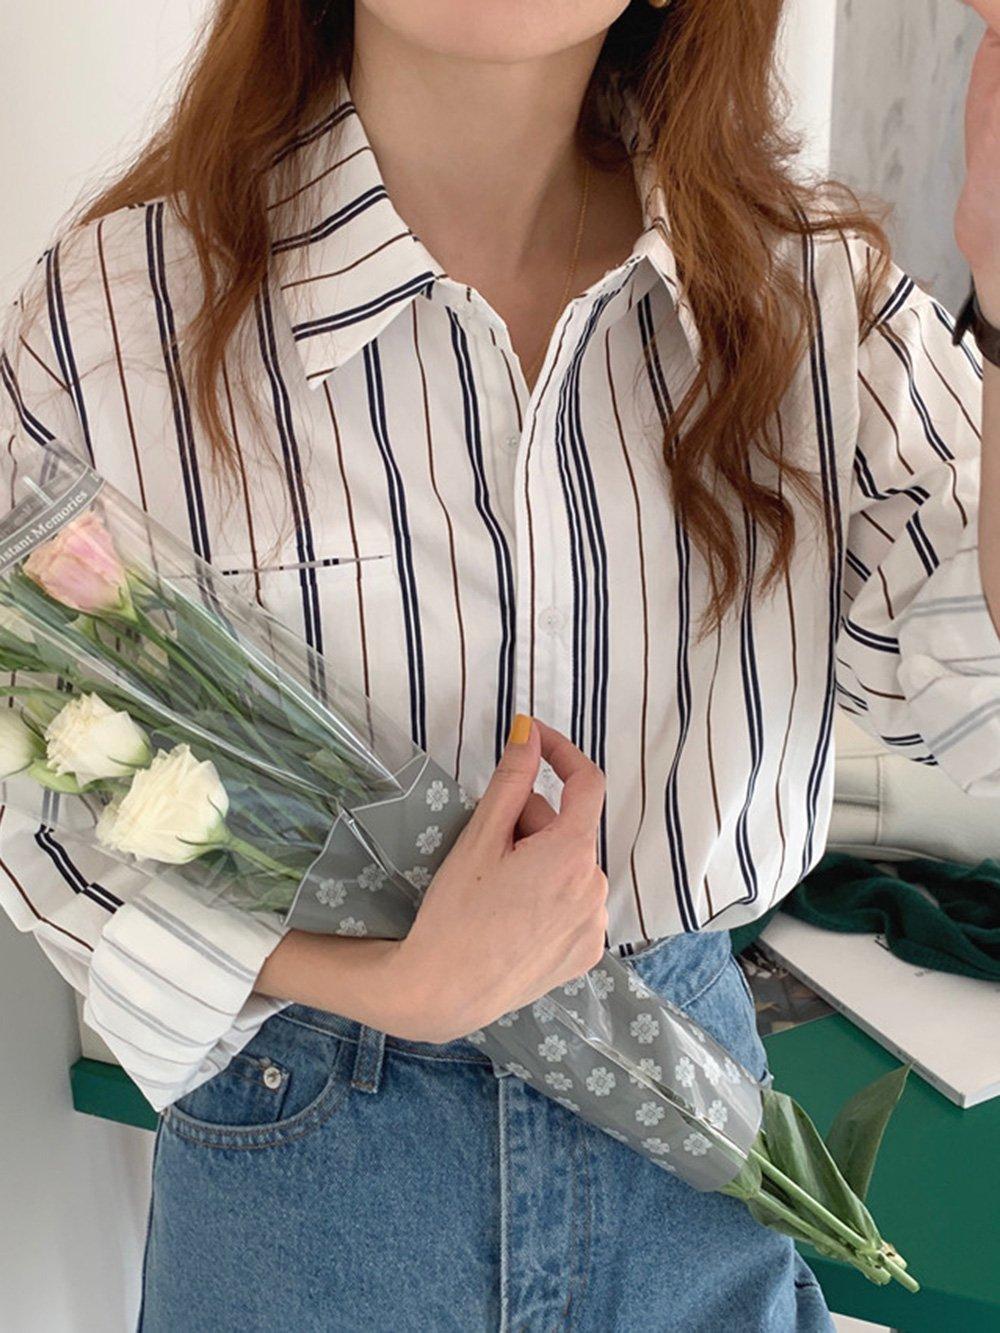 【広州仕入れ】レトロニッチラペルシングルブレストストライプルーズシャツ